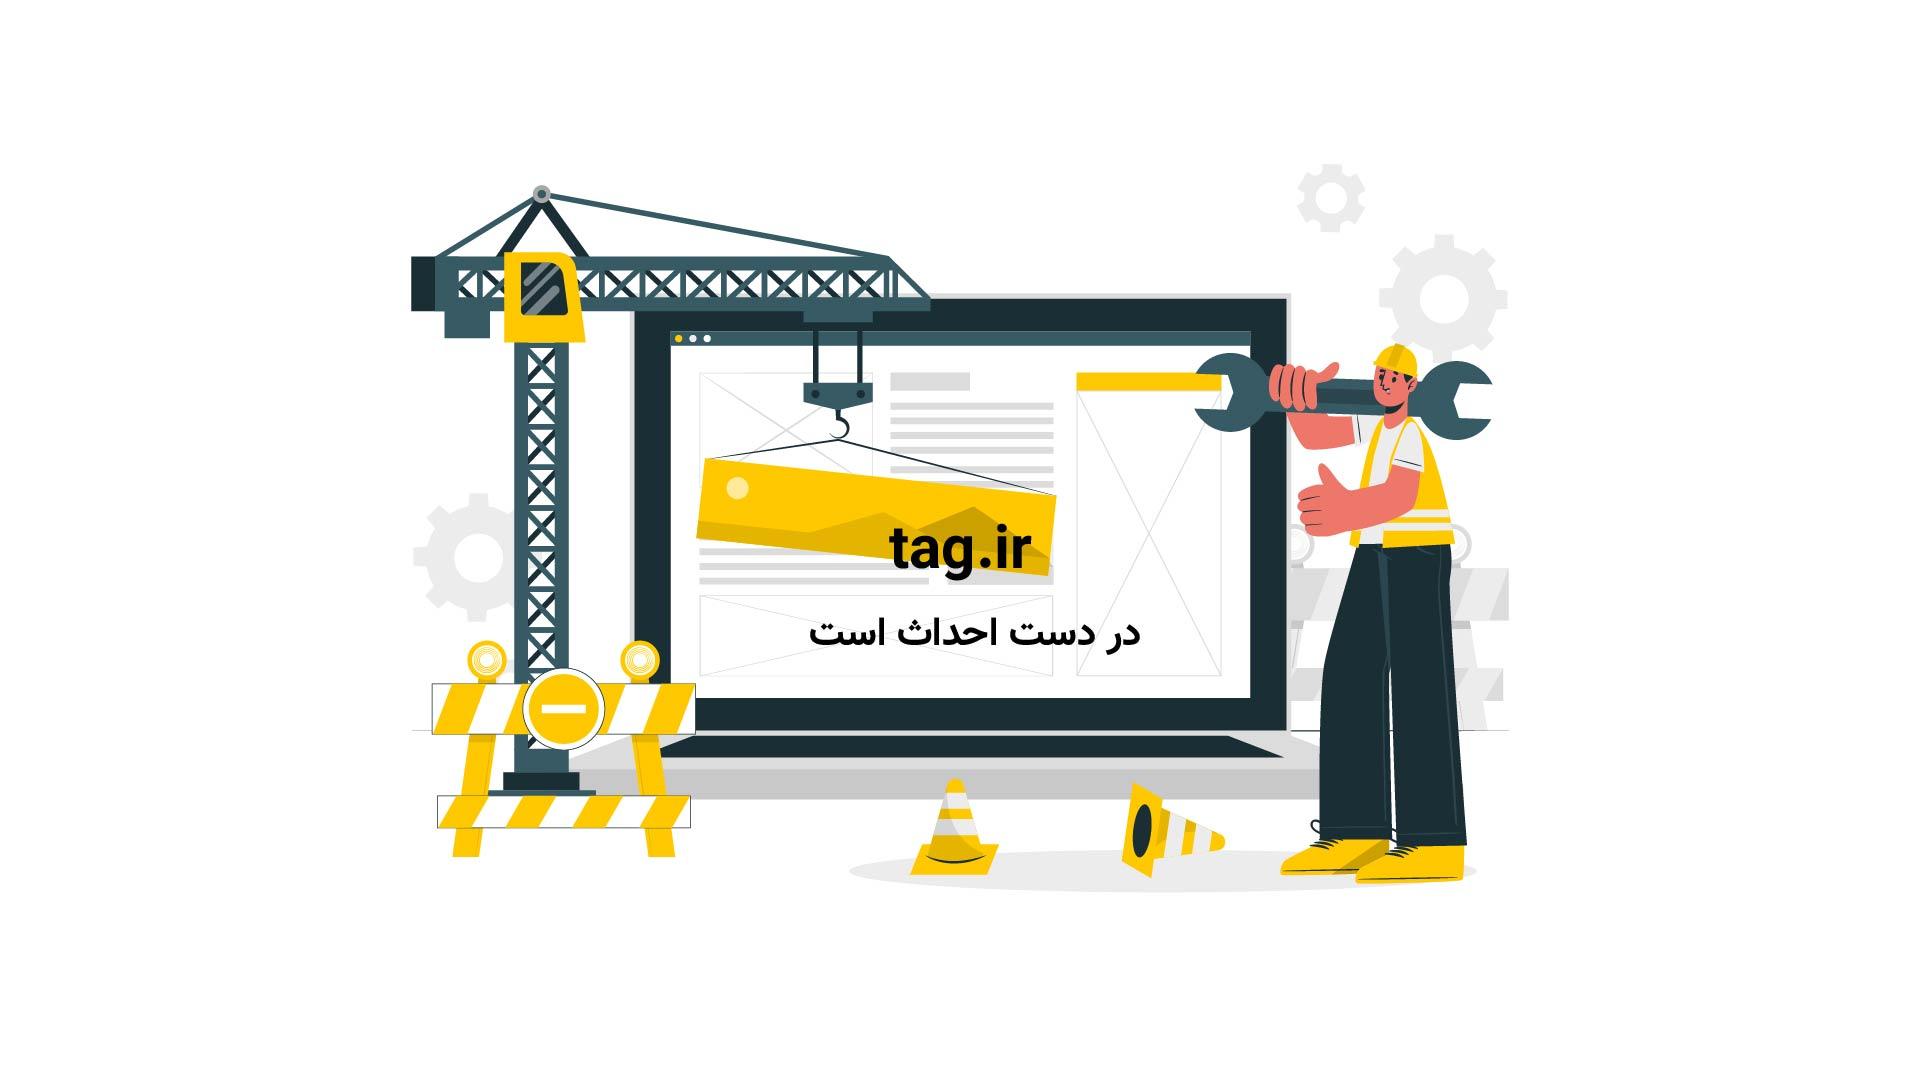 برف پاییزی تهران   تگ